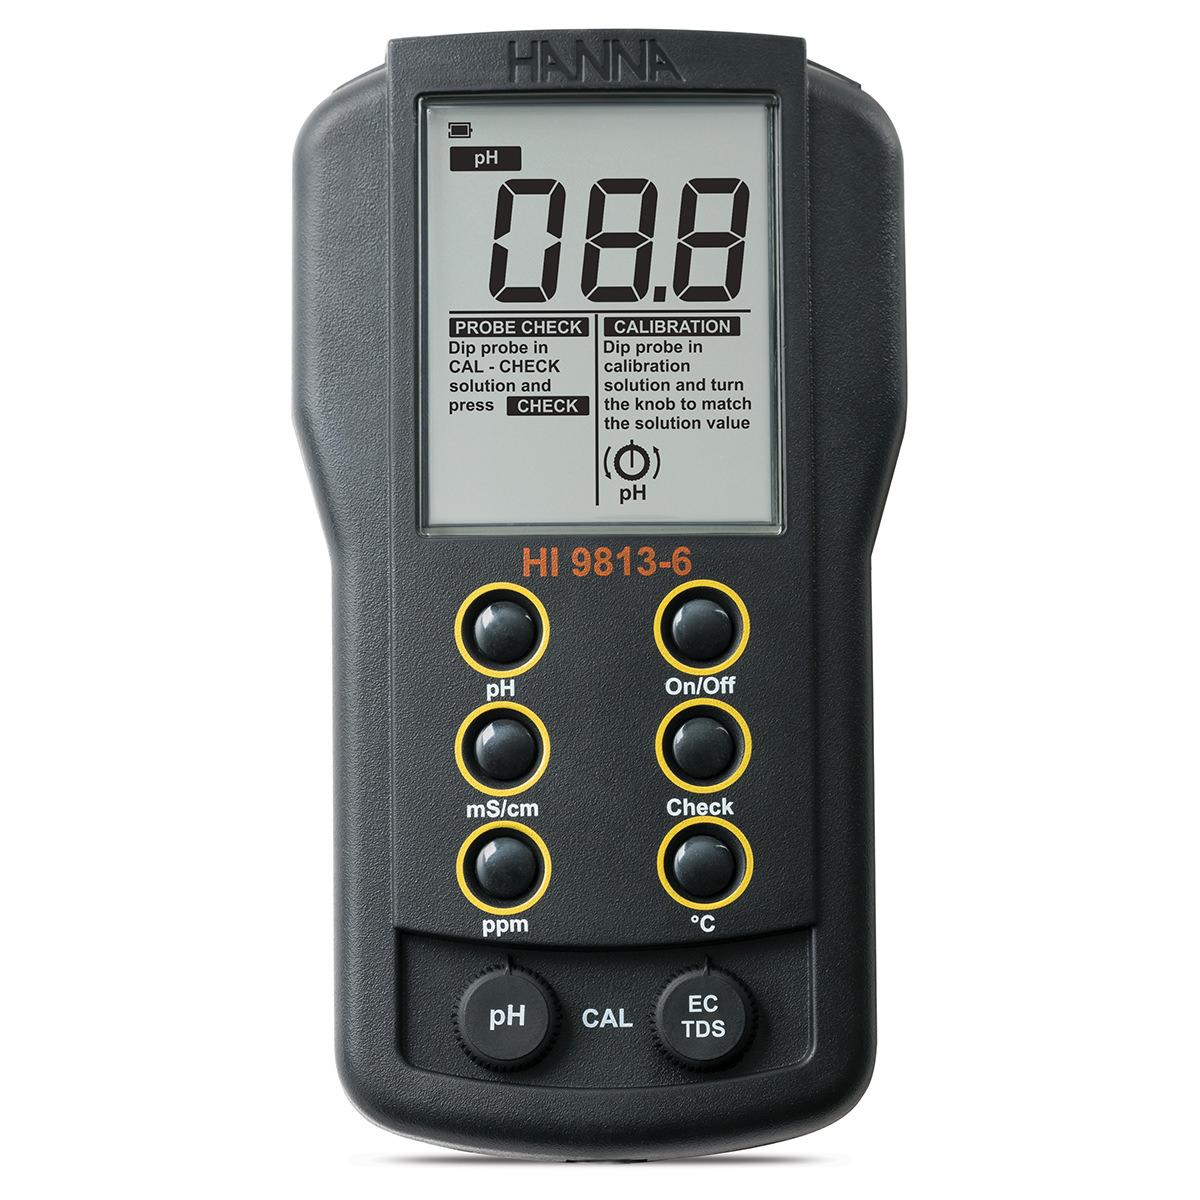 HI9813-5 Waterproof Portable pH/EC/TDS/Temperature Meter